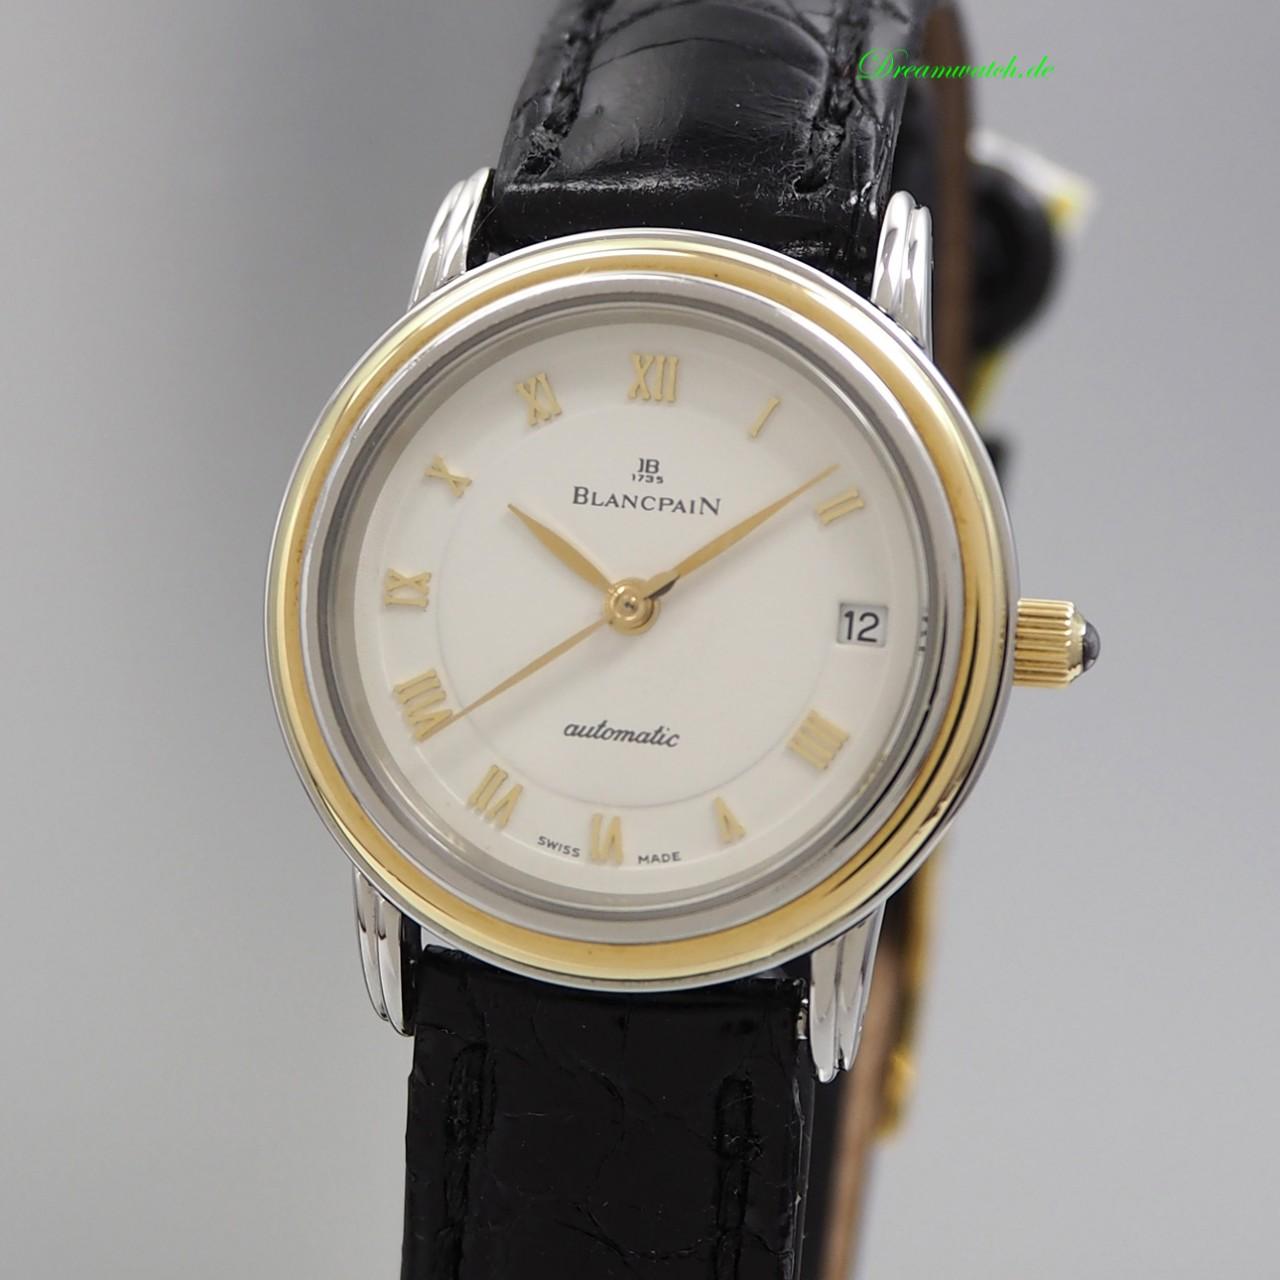 Blancpain Villeret Date Automatik Lady Stahl-Gold